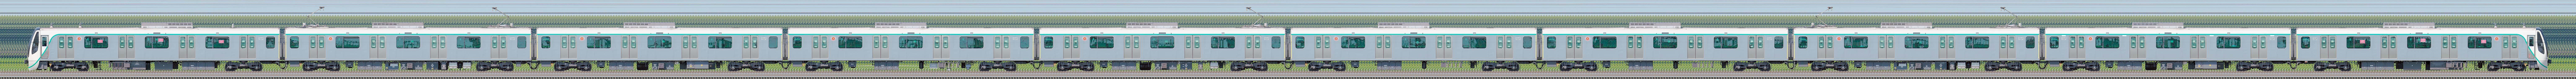 東急2020系2138編成(慣性軌道検測装置搭載・海側) の編成サイドビュー